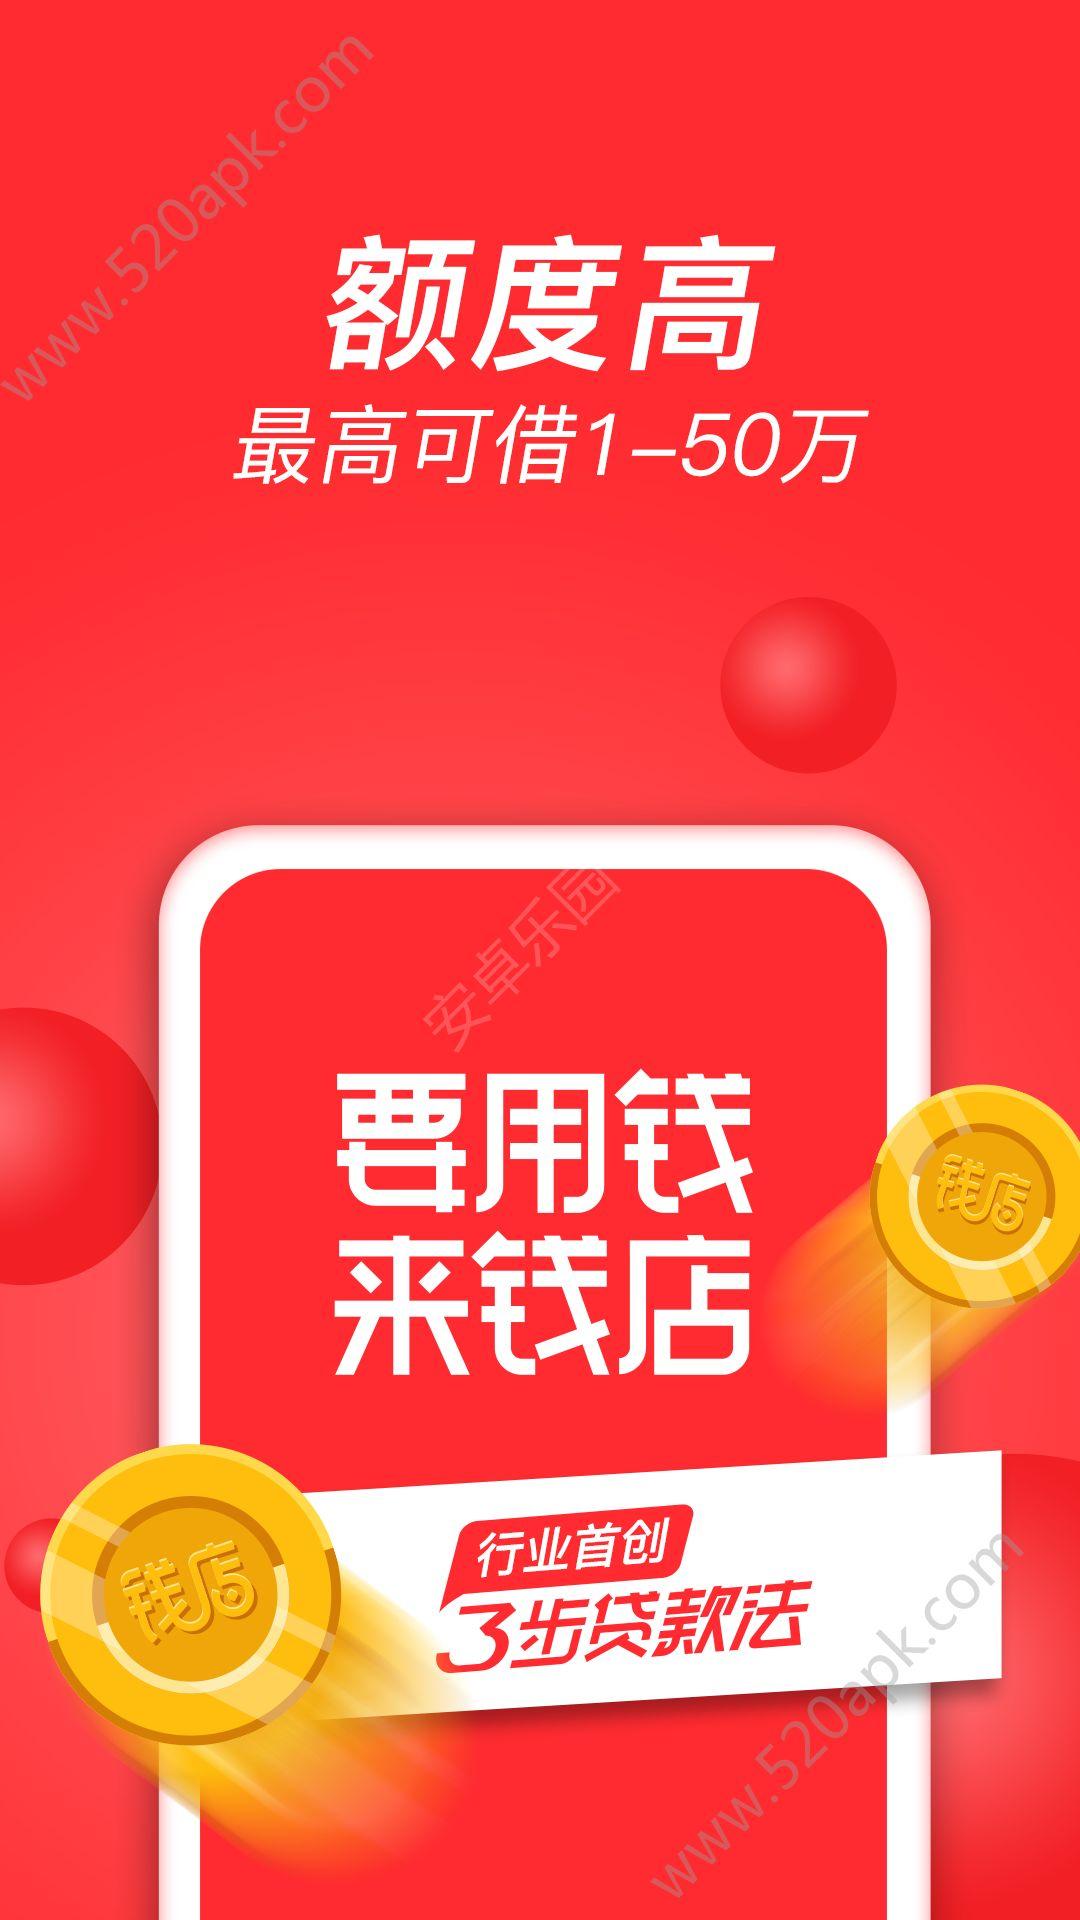 捞金袋手机贷款App官方口子安卓版  v1.0图3